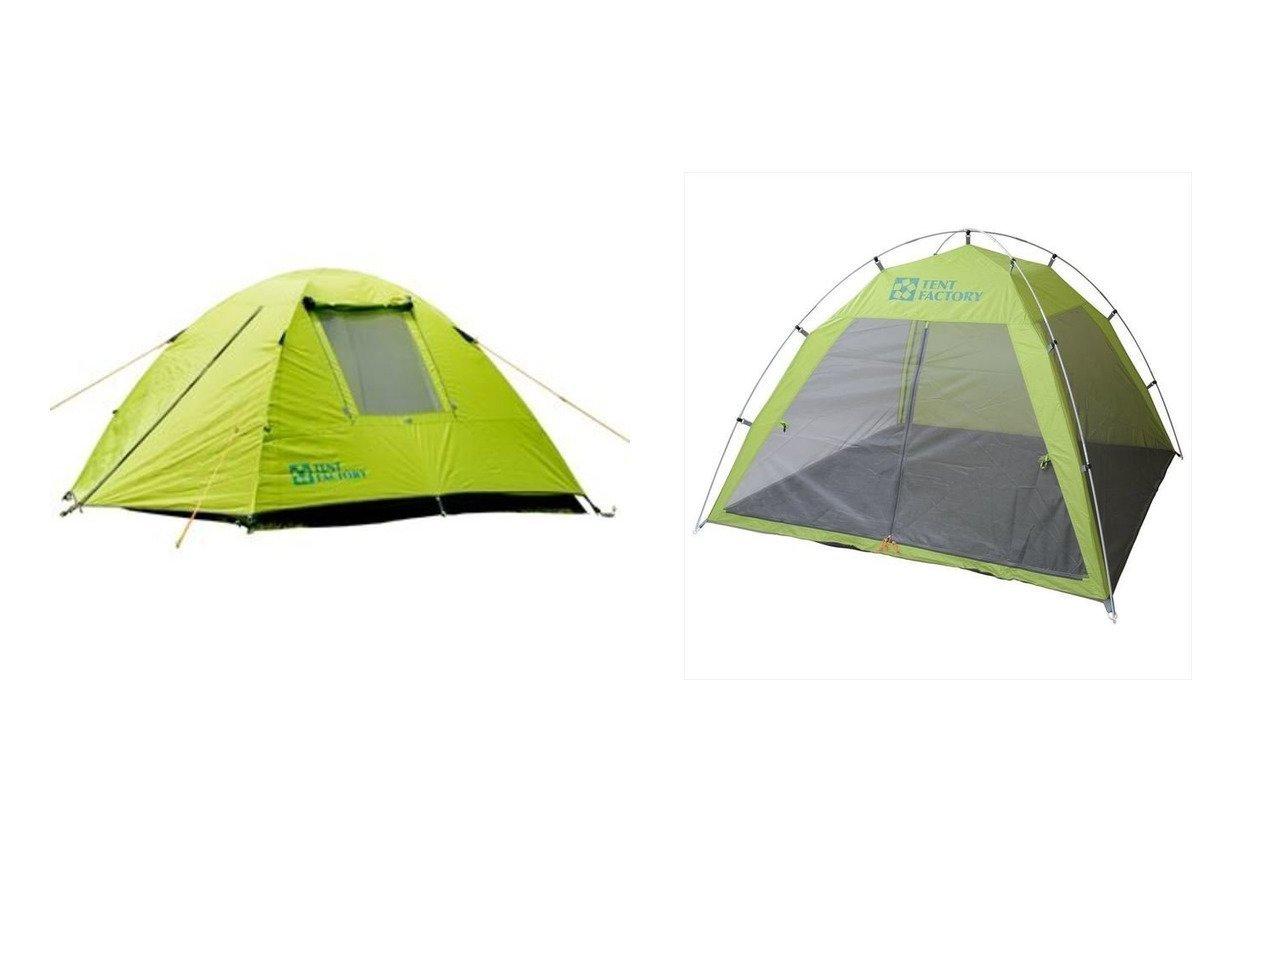 【TENT FACTORY/テントファクトリー】のグリーンサイドドームテント 3L (3人用)&ホリデイユース フルメッシュサンシェード180 グリーン 【テント】おすすめ!人気キャンプ・アウトドア用品の通販 おすすめで人気の流行・トレンド、ファッションの通販商品 インテリア・家具・メンズファッション・キッズファッション・レディースファッション・服の通販 founy(ファニー) https://founy.com/ グラス コンパクト タフタ ビーチ メッシュ インナー フレーム ホーム・キャンプ・アウトドア Home,Garden,Outdoor,Camping Gear キャンプ用品・アウトドア  Camping Gear & Outdoor Supplies テント タープ Tents, Tarp |ID:crp329100000051140